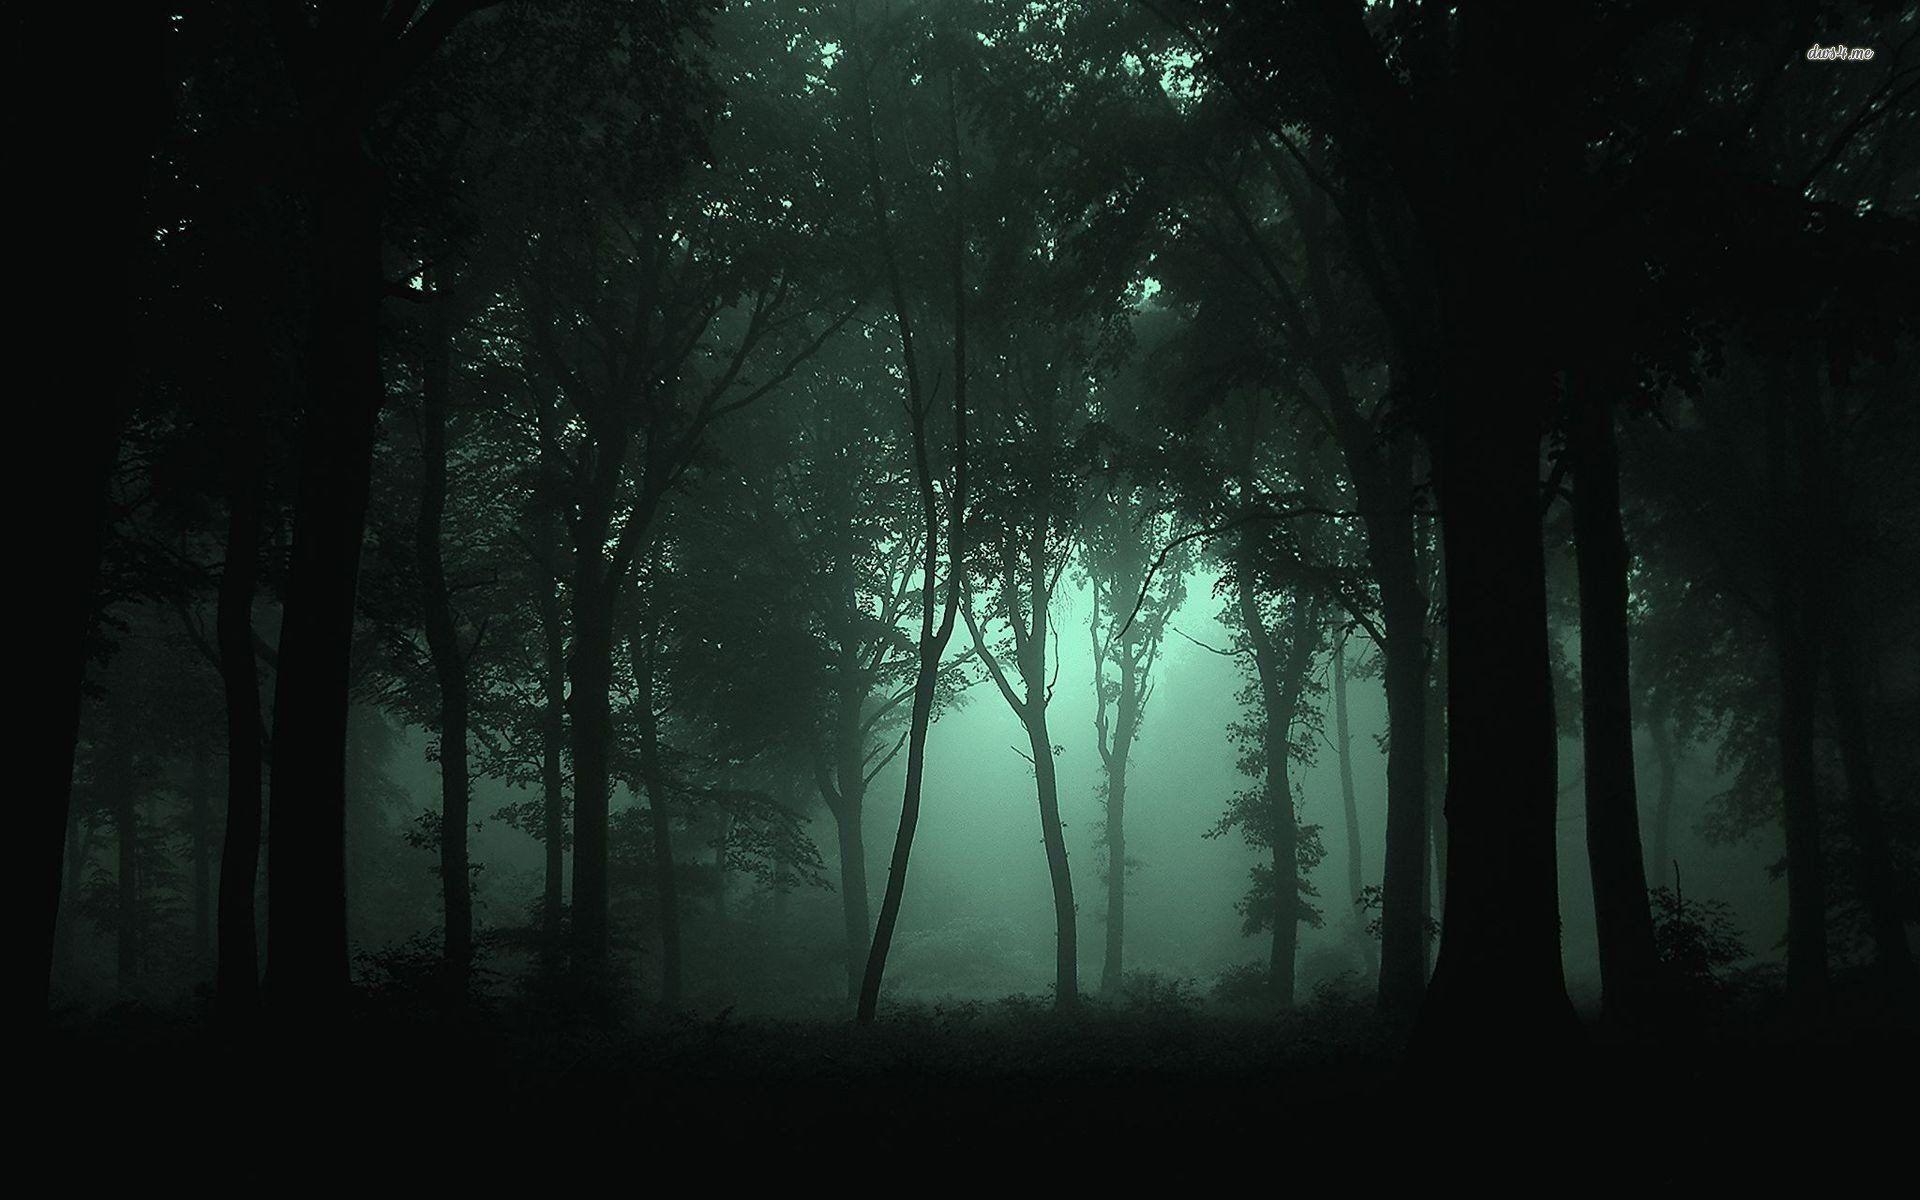 Simple Wallpaper Night Forest - 34326b35ed4a0d02bd92e8f49ec13e7f  Graphic-83811.jpg